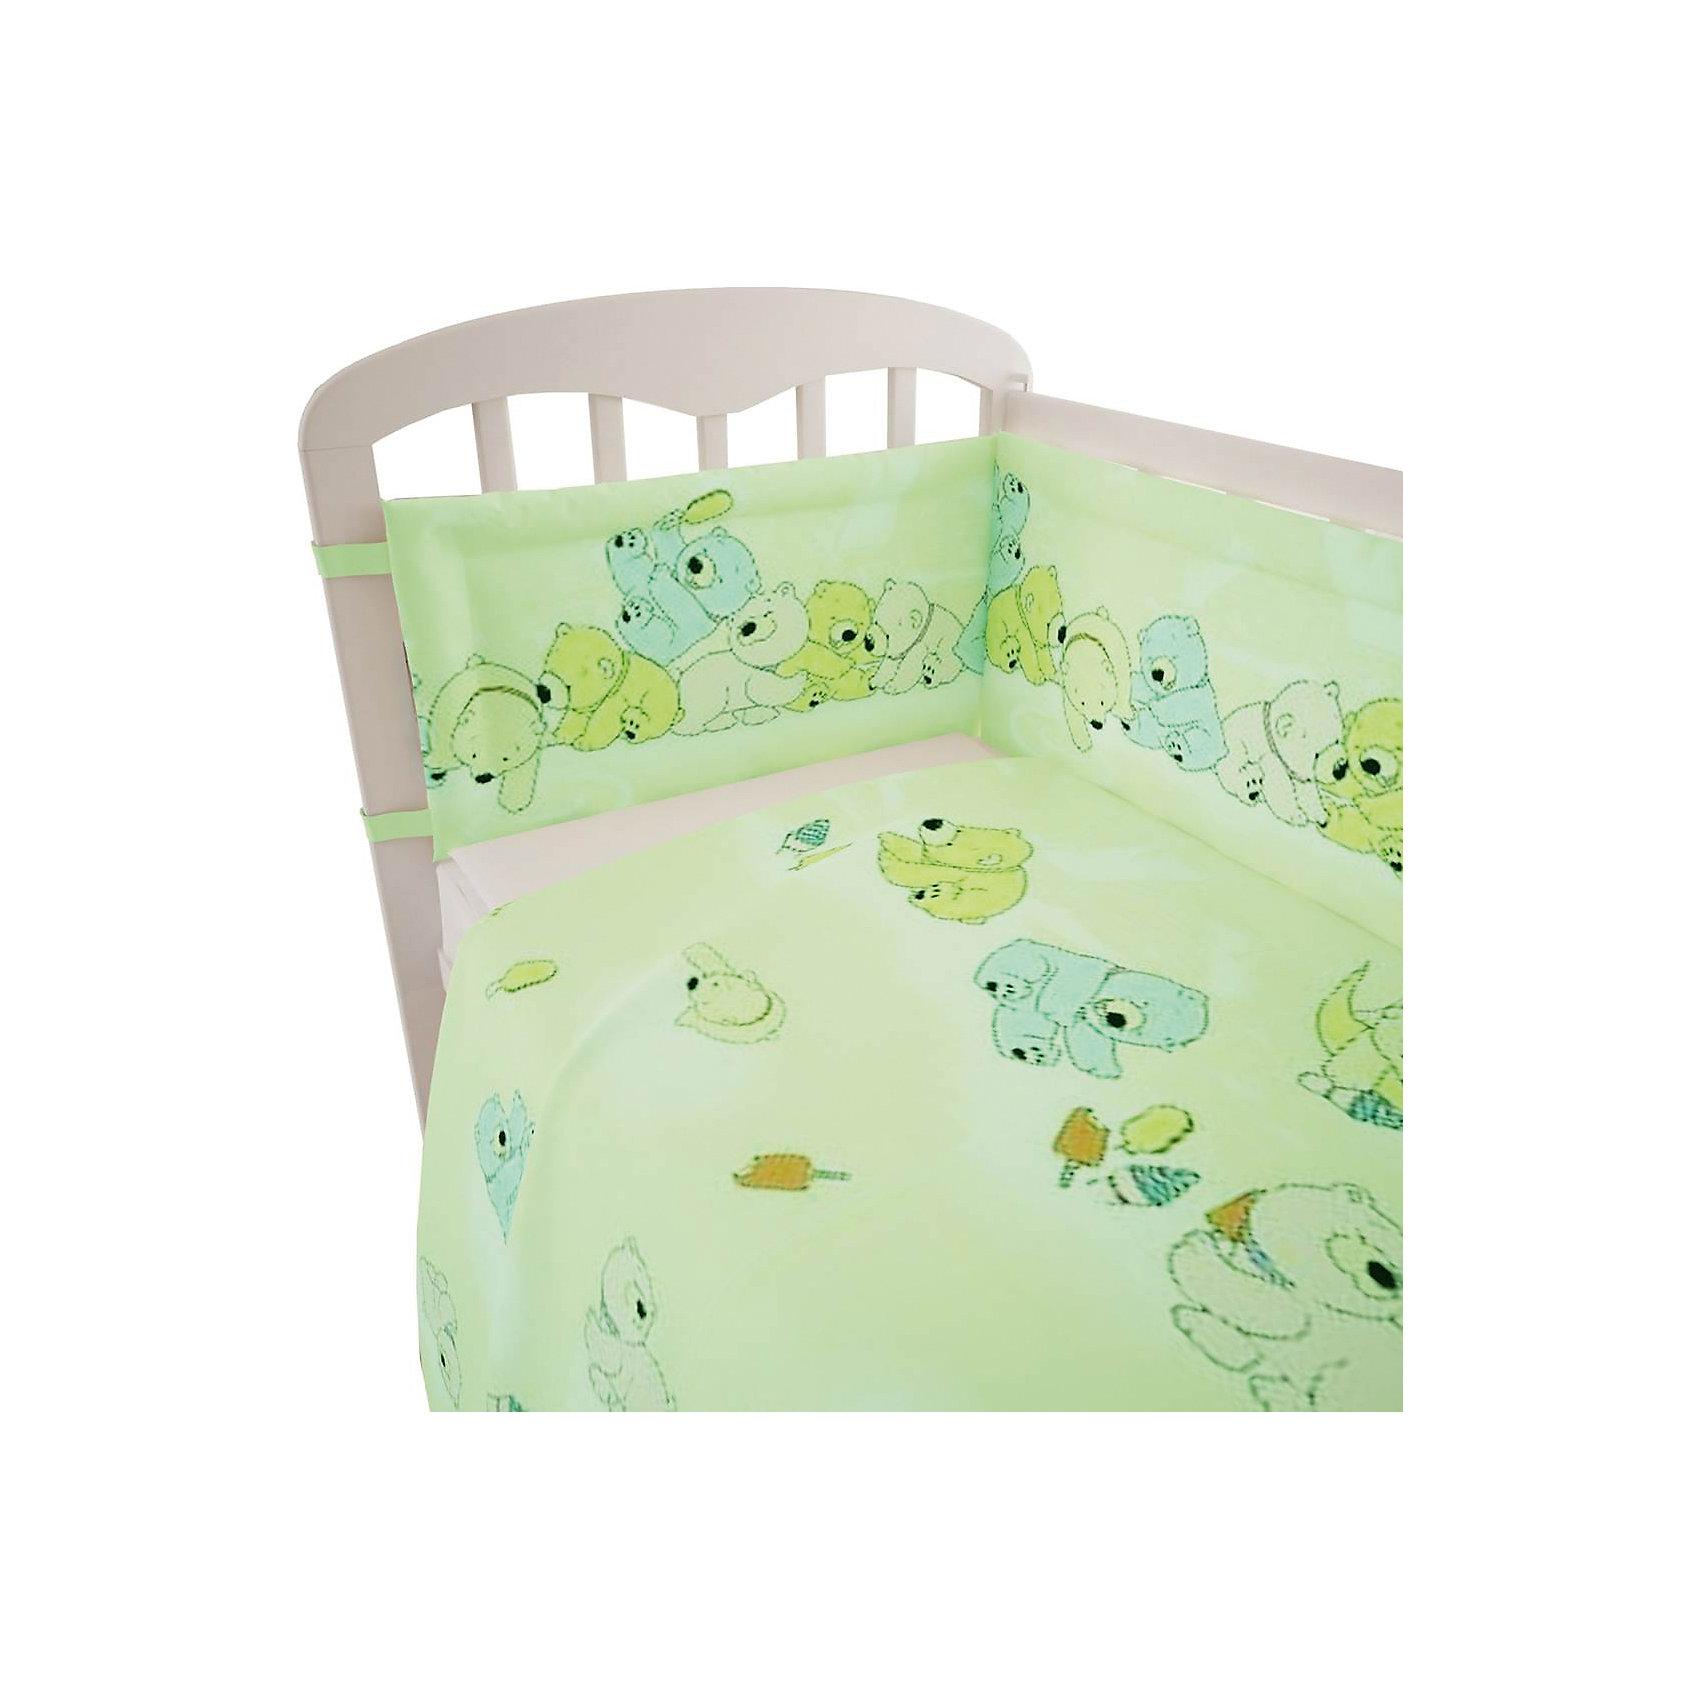 Постельное белье Мишки 3 пред., Фея, зеленыйПостельное бельё<br>Лучшее постельное белье для детей делается из натуральных материалов. Этот комплект, состоящий  из наволочки, простыни и пододеяльника, сшит из хлопка, гипоаллергенного, приятного на ощупь и позволяющего коже дышать.<br>Все предметы из набора - стандартных размеров, отлично подойдут к обычной подушке, матрасу и одеялу. Комплект украшен принтом с яркими мишками - на нем малышу будет приятно засыпать! Симпатичная расцветка комплекта отлично подойдет к интерьеру детской.<br><br>Дополнительная информация:<br><br>цвет: зеленый, принт;<br>материал: 100% хлопок;<br>наволочка: 40х60 см,<br>простыня: 160х100 см,<br>пододеяльник: 110х140 см.<br><br>Постельное белье Мишки 3 пред., торговой марки Фея можно купить в нашем магазине.<br><br>Ширина мм: 570<br>Глубина мм: 410<br>Высота мм: 570<br>Вес г: 510<br>Возраст от месяцев: 0<br>Возраст до месяцев: 36<br>Пол: Унисекс<br>Возраст: Детский<br>SKU: 4873630